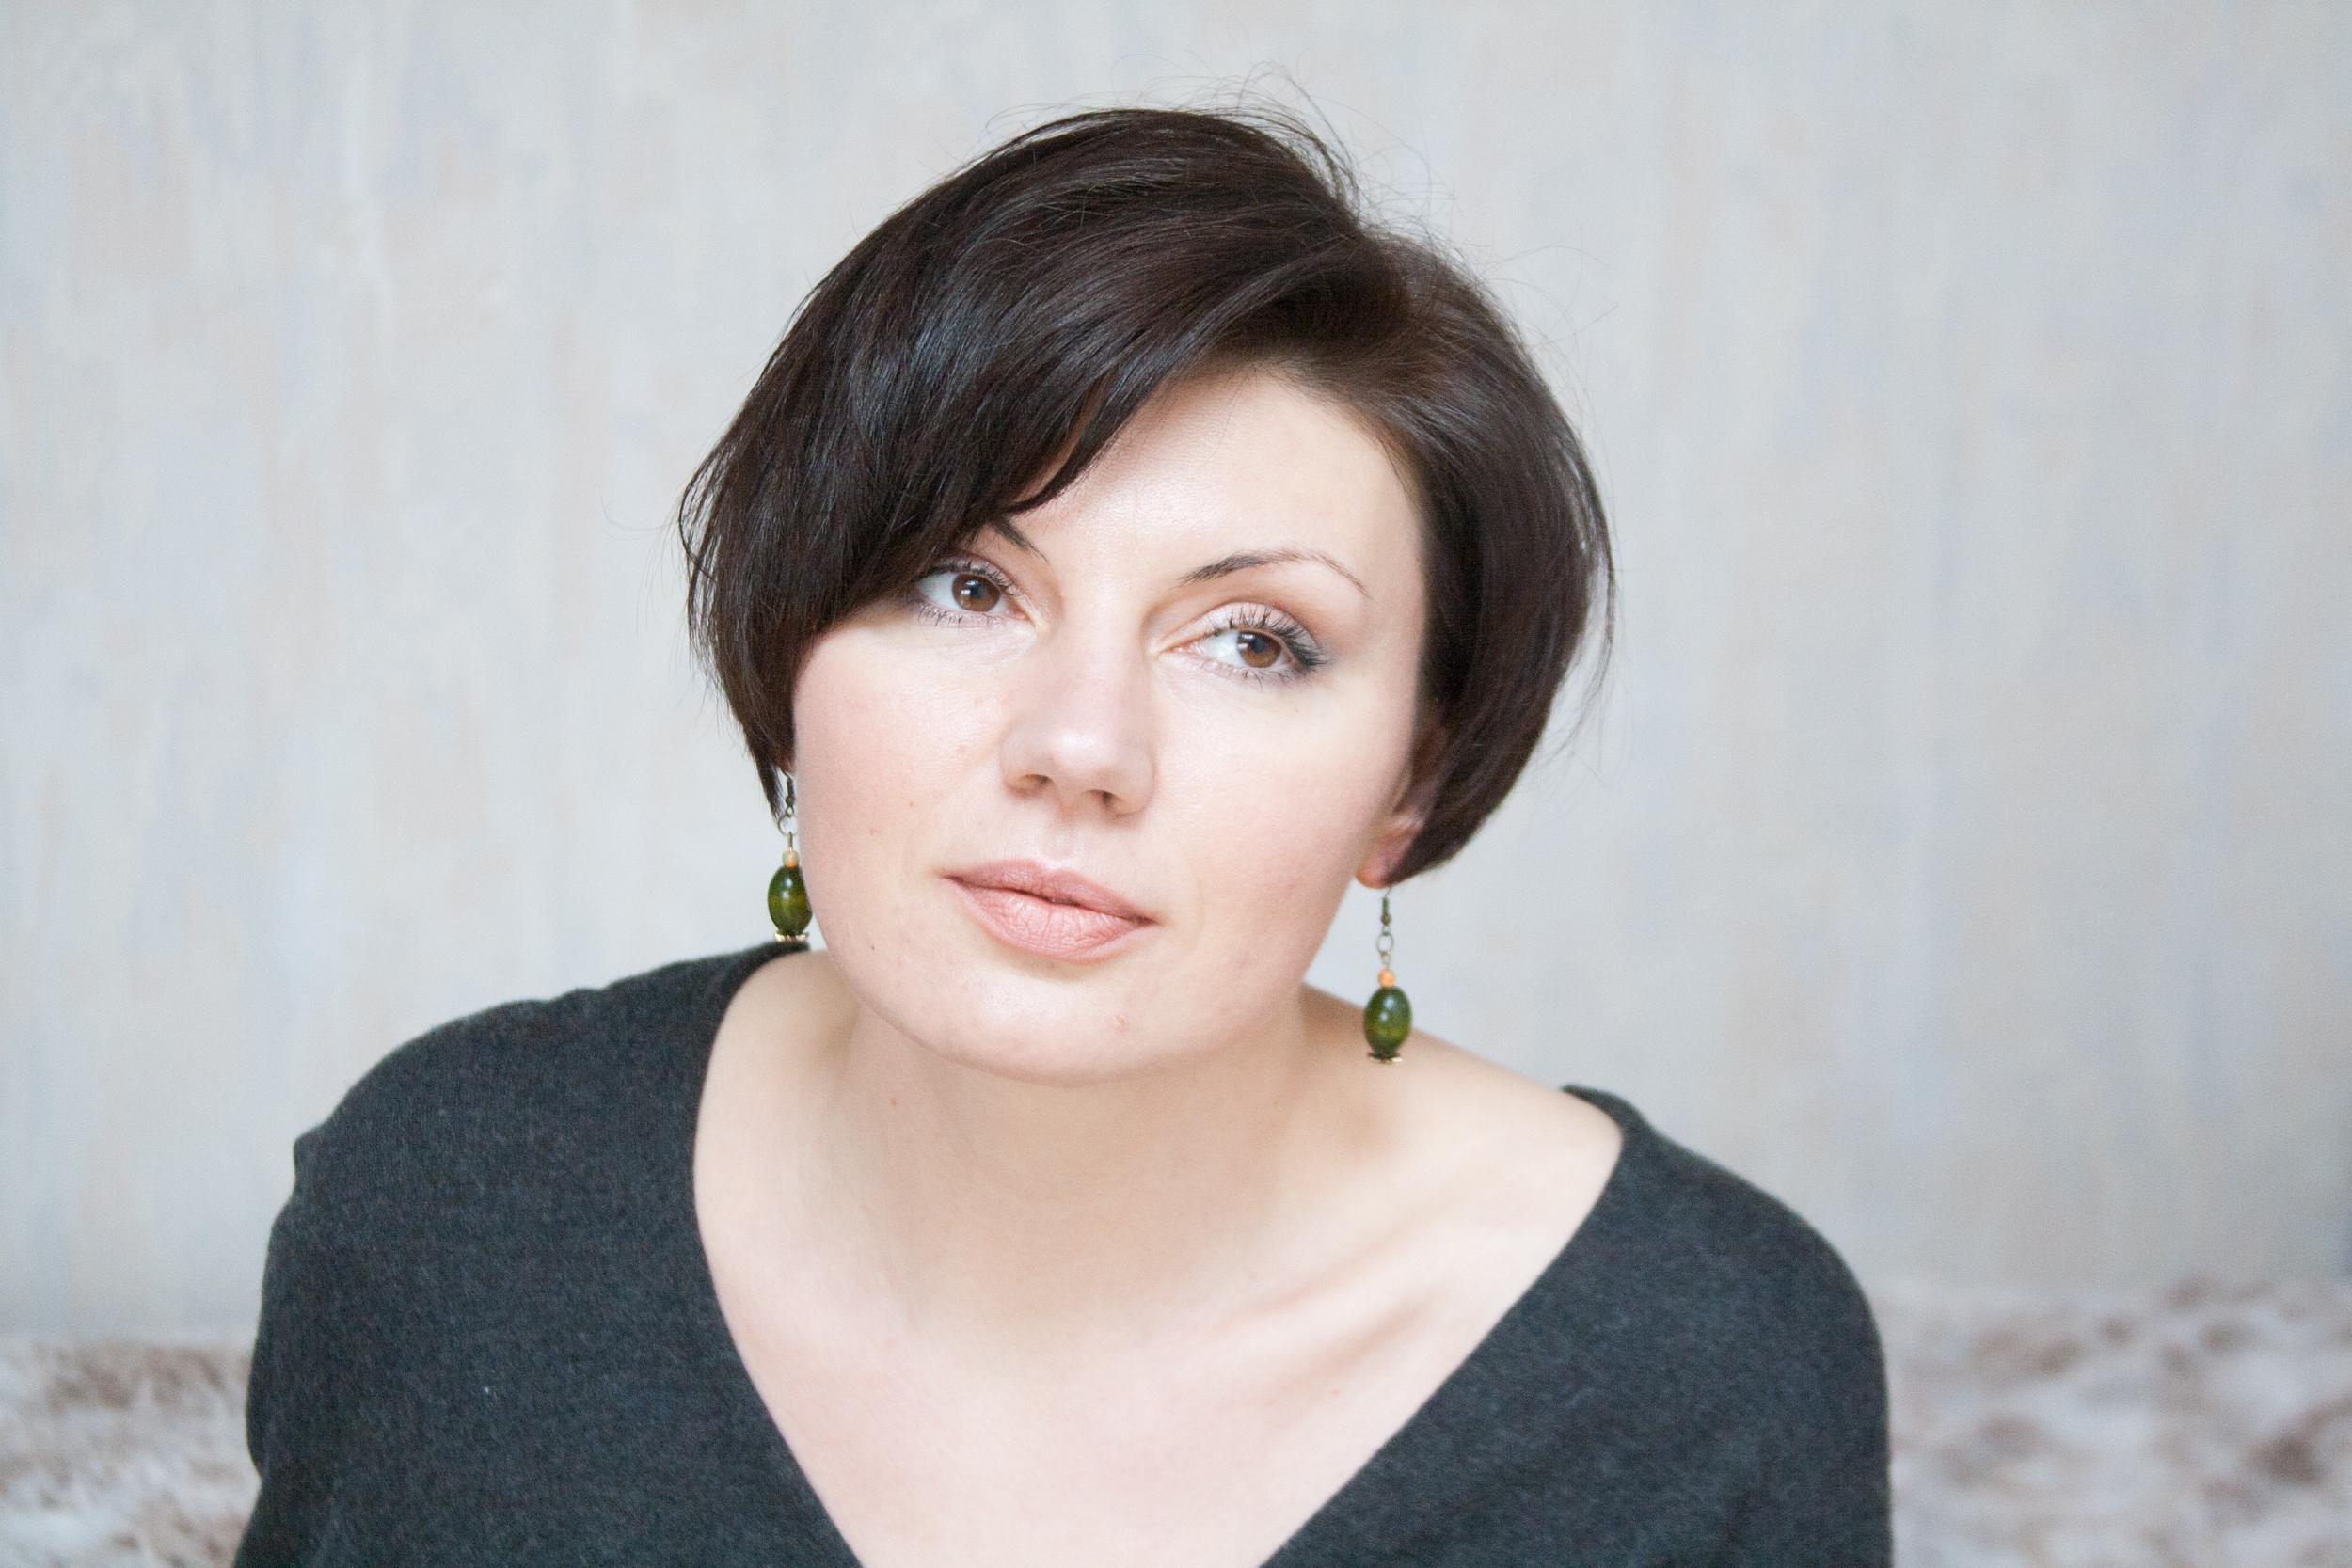 Tips Memilih Model Rambut Pendek Untuk Pemilik Wajah Bulat Tresemme